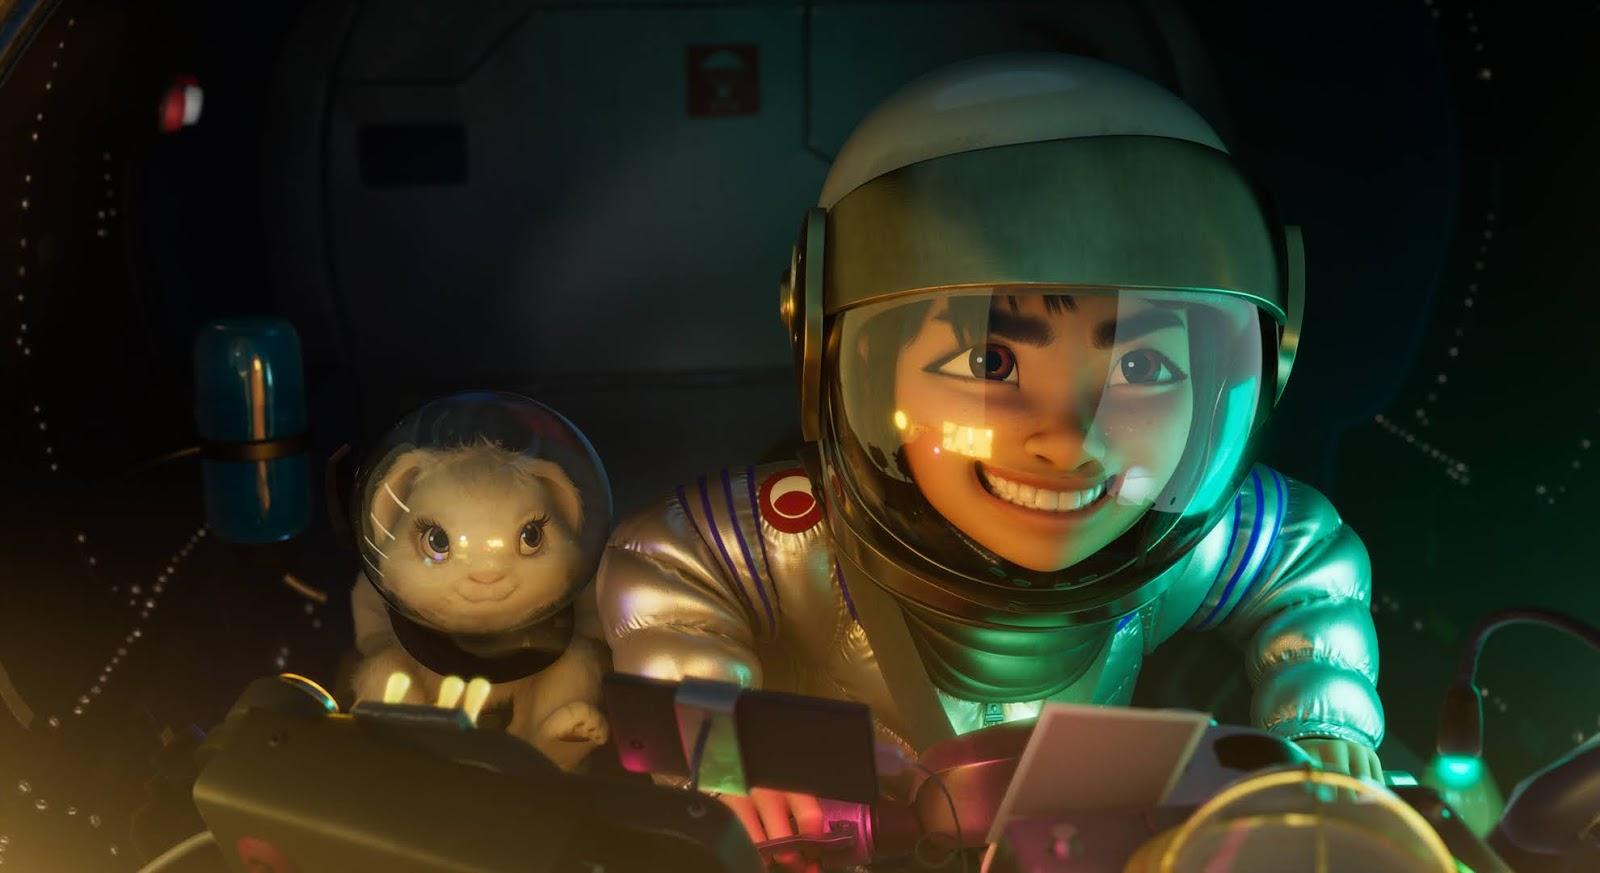 OverTheMoon - A Caminho da Lua - Nova Animação Netflix